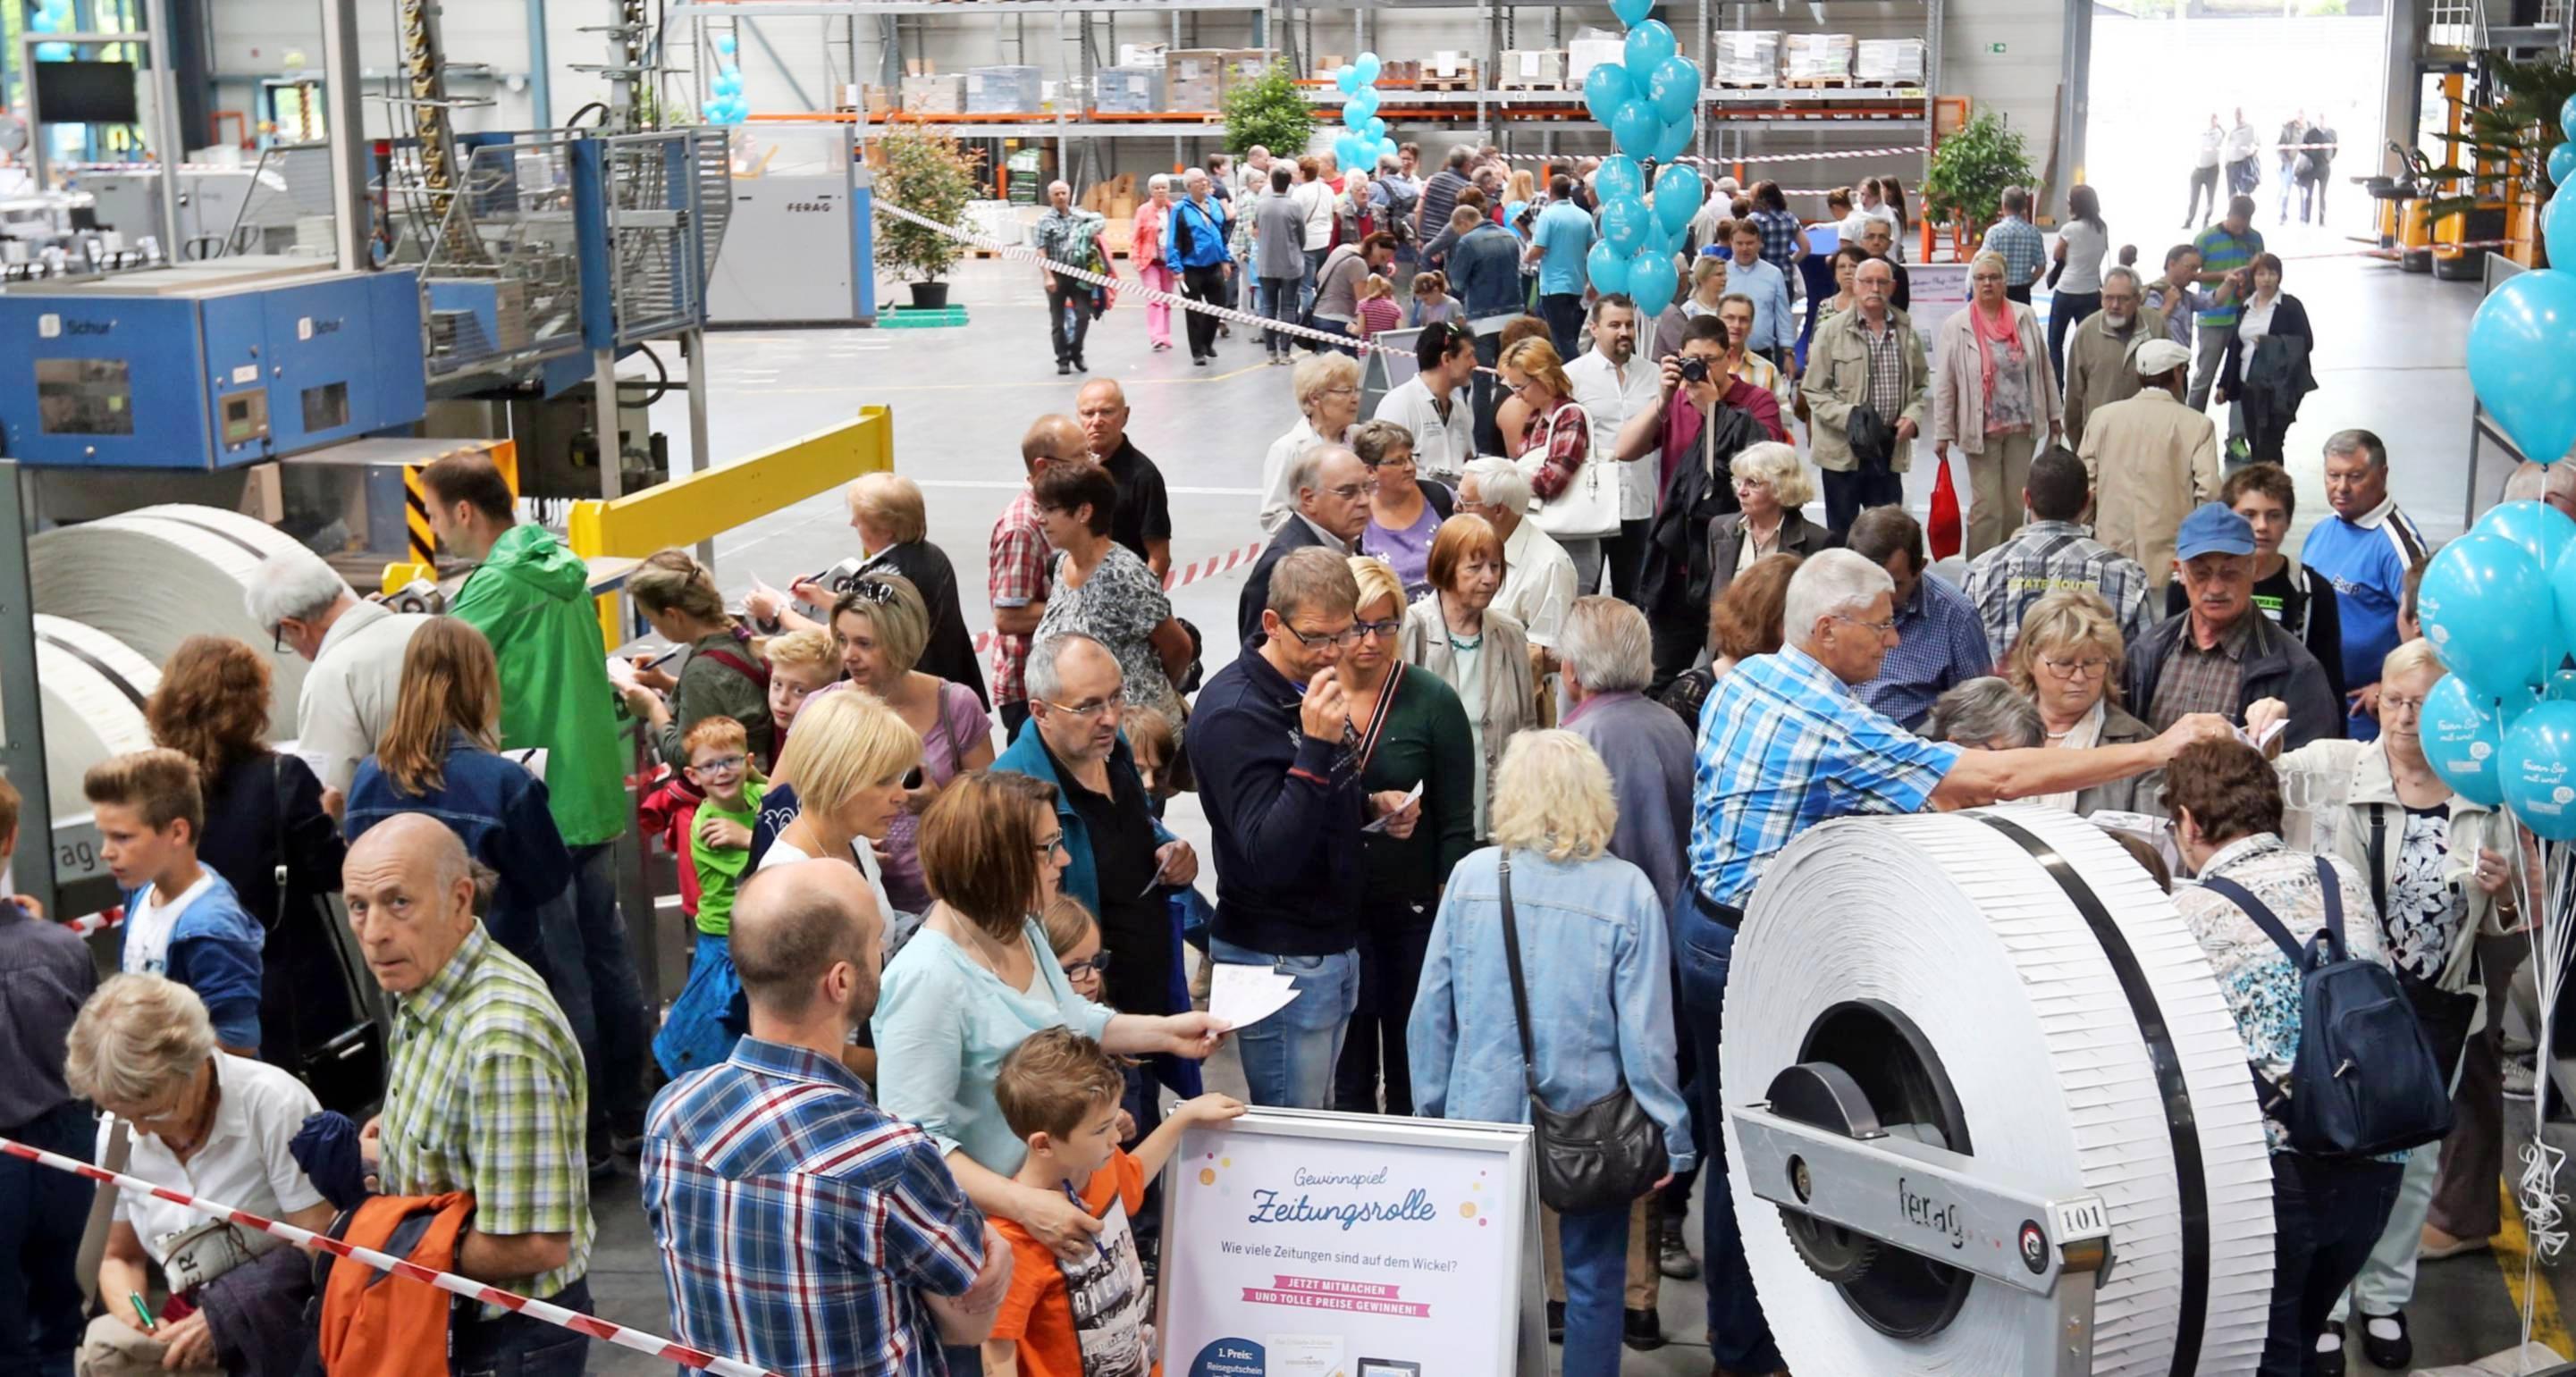 Zum 70. Stimme-Geburtstag besichtigen tausende Besucher das Druckzentrum.